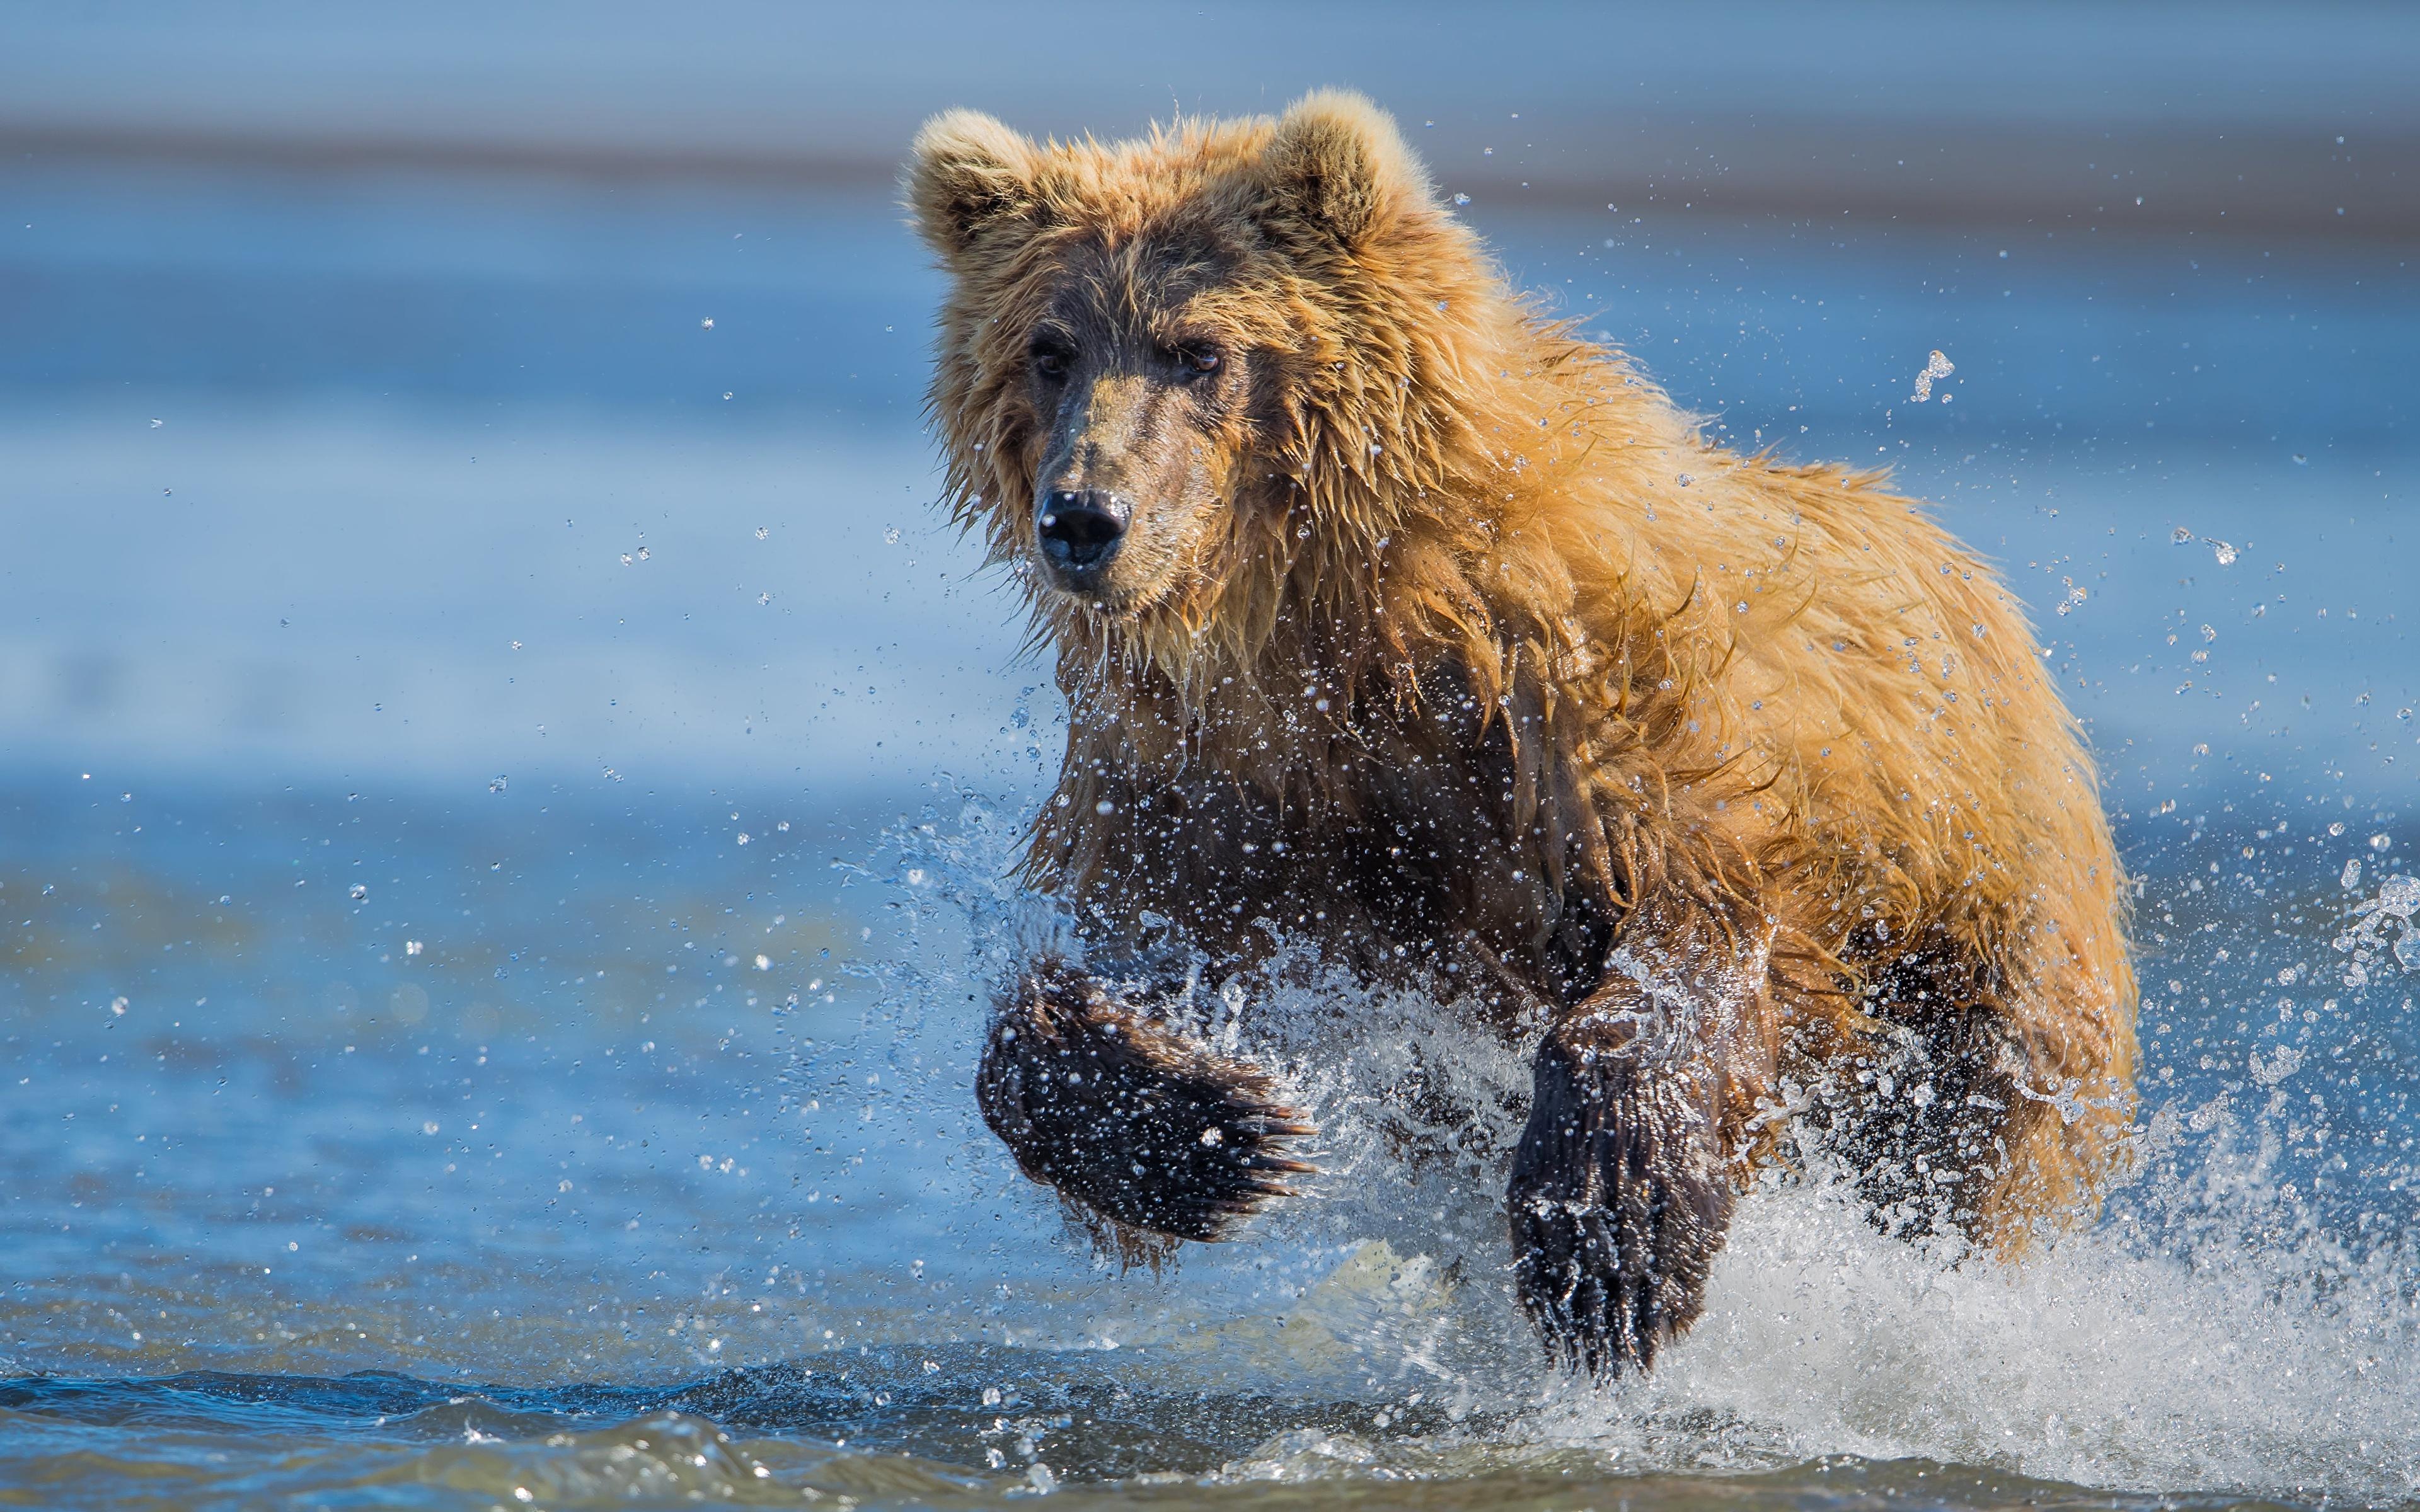 Фотографии Бурые Медведи медведь бежит Лапы Брызги Взгляд Животные 3840x2400 Гризли Медведи Бег бегущая бегущий лап с брызгами смотрит смотрят животное